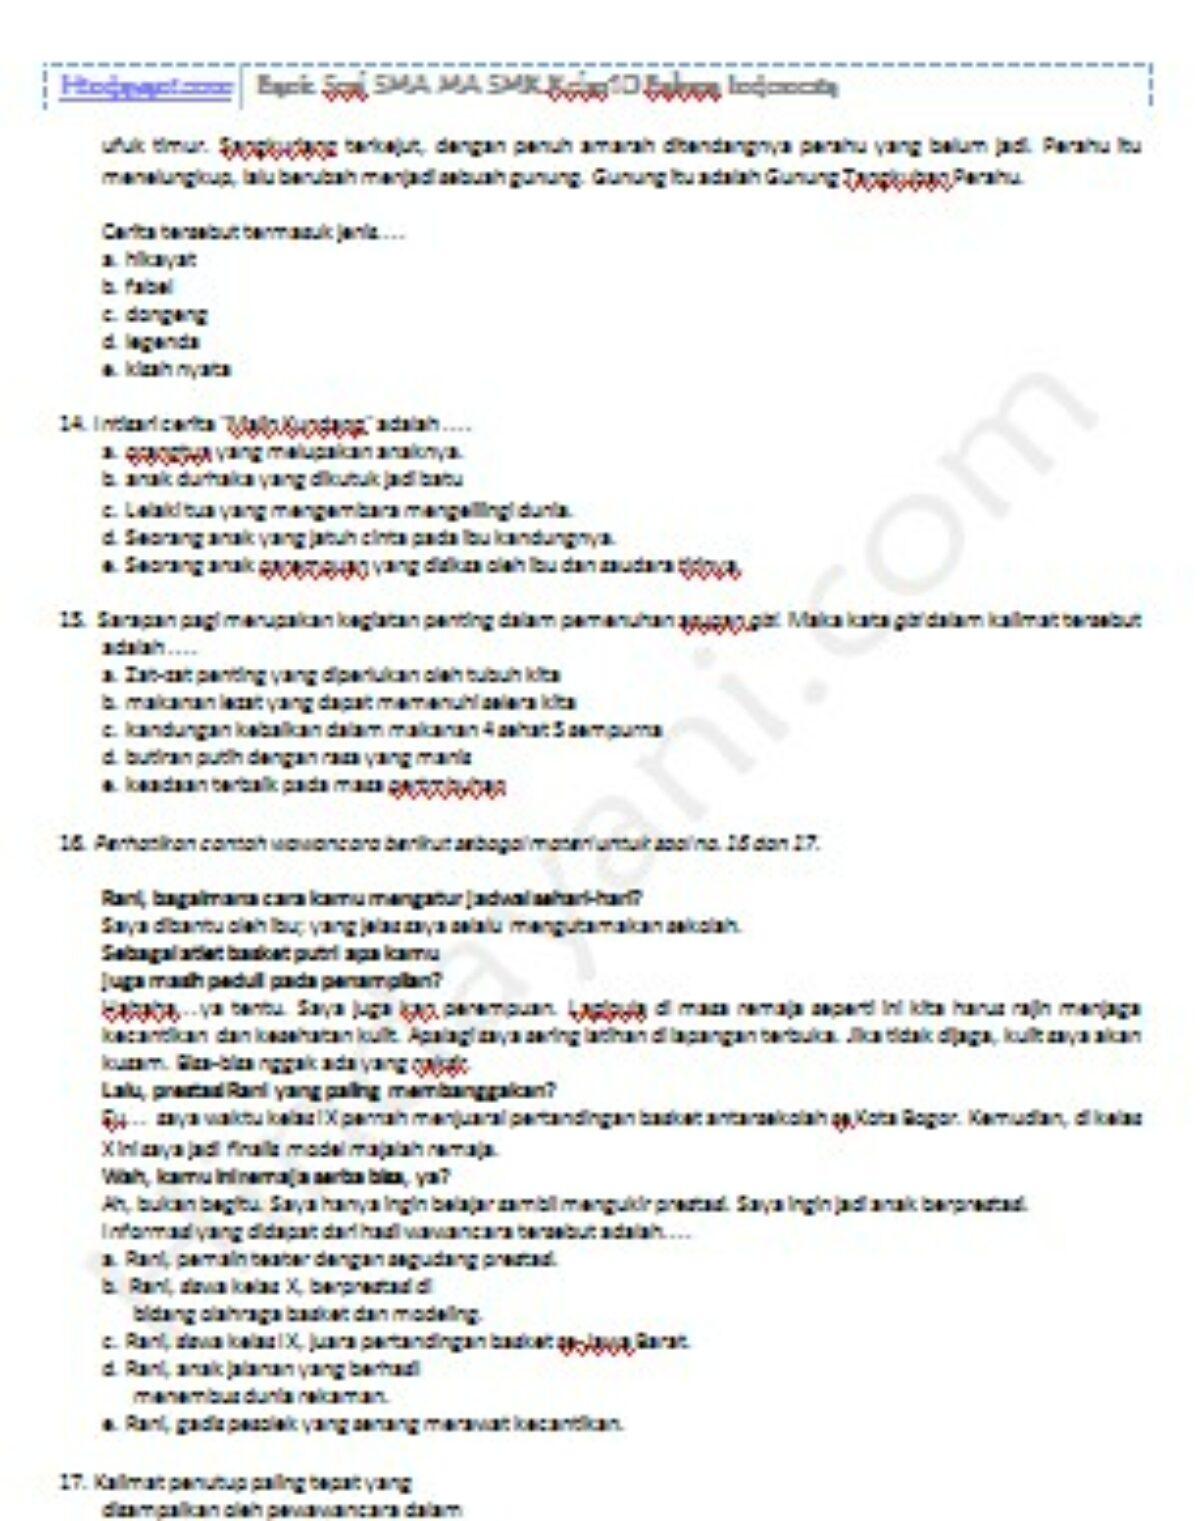 Bank Soal Sma Ma Smk Kelas 10 Bahasa Indonesia